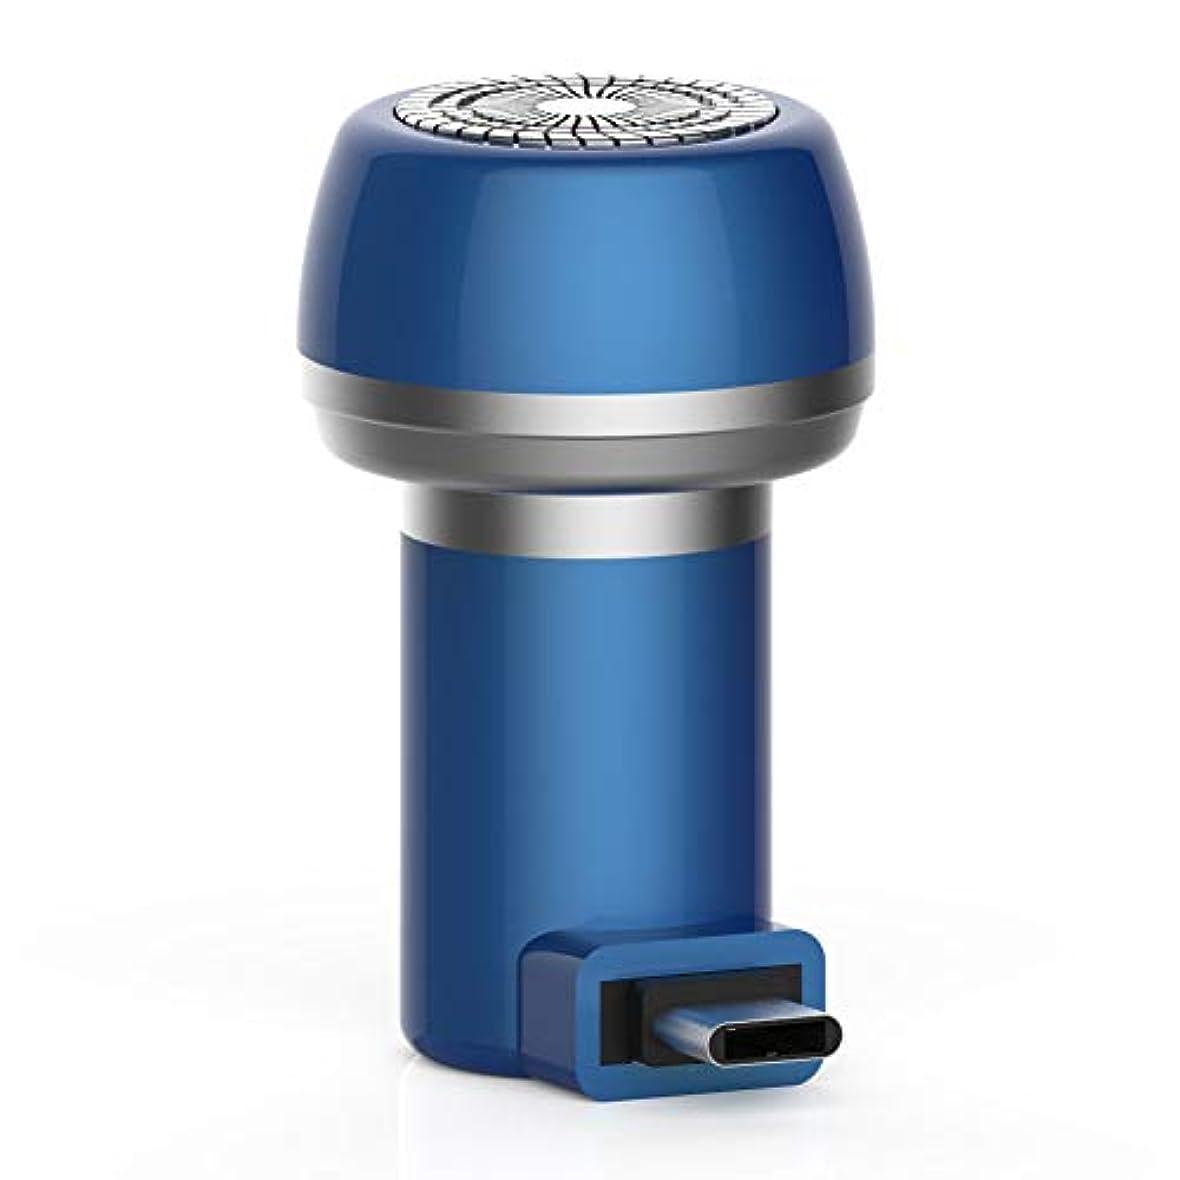 戸惑う平野生息地Profeel 2 1磁気電気シェーバーミニポータブルType-C USB防水剃刀